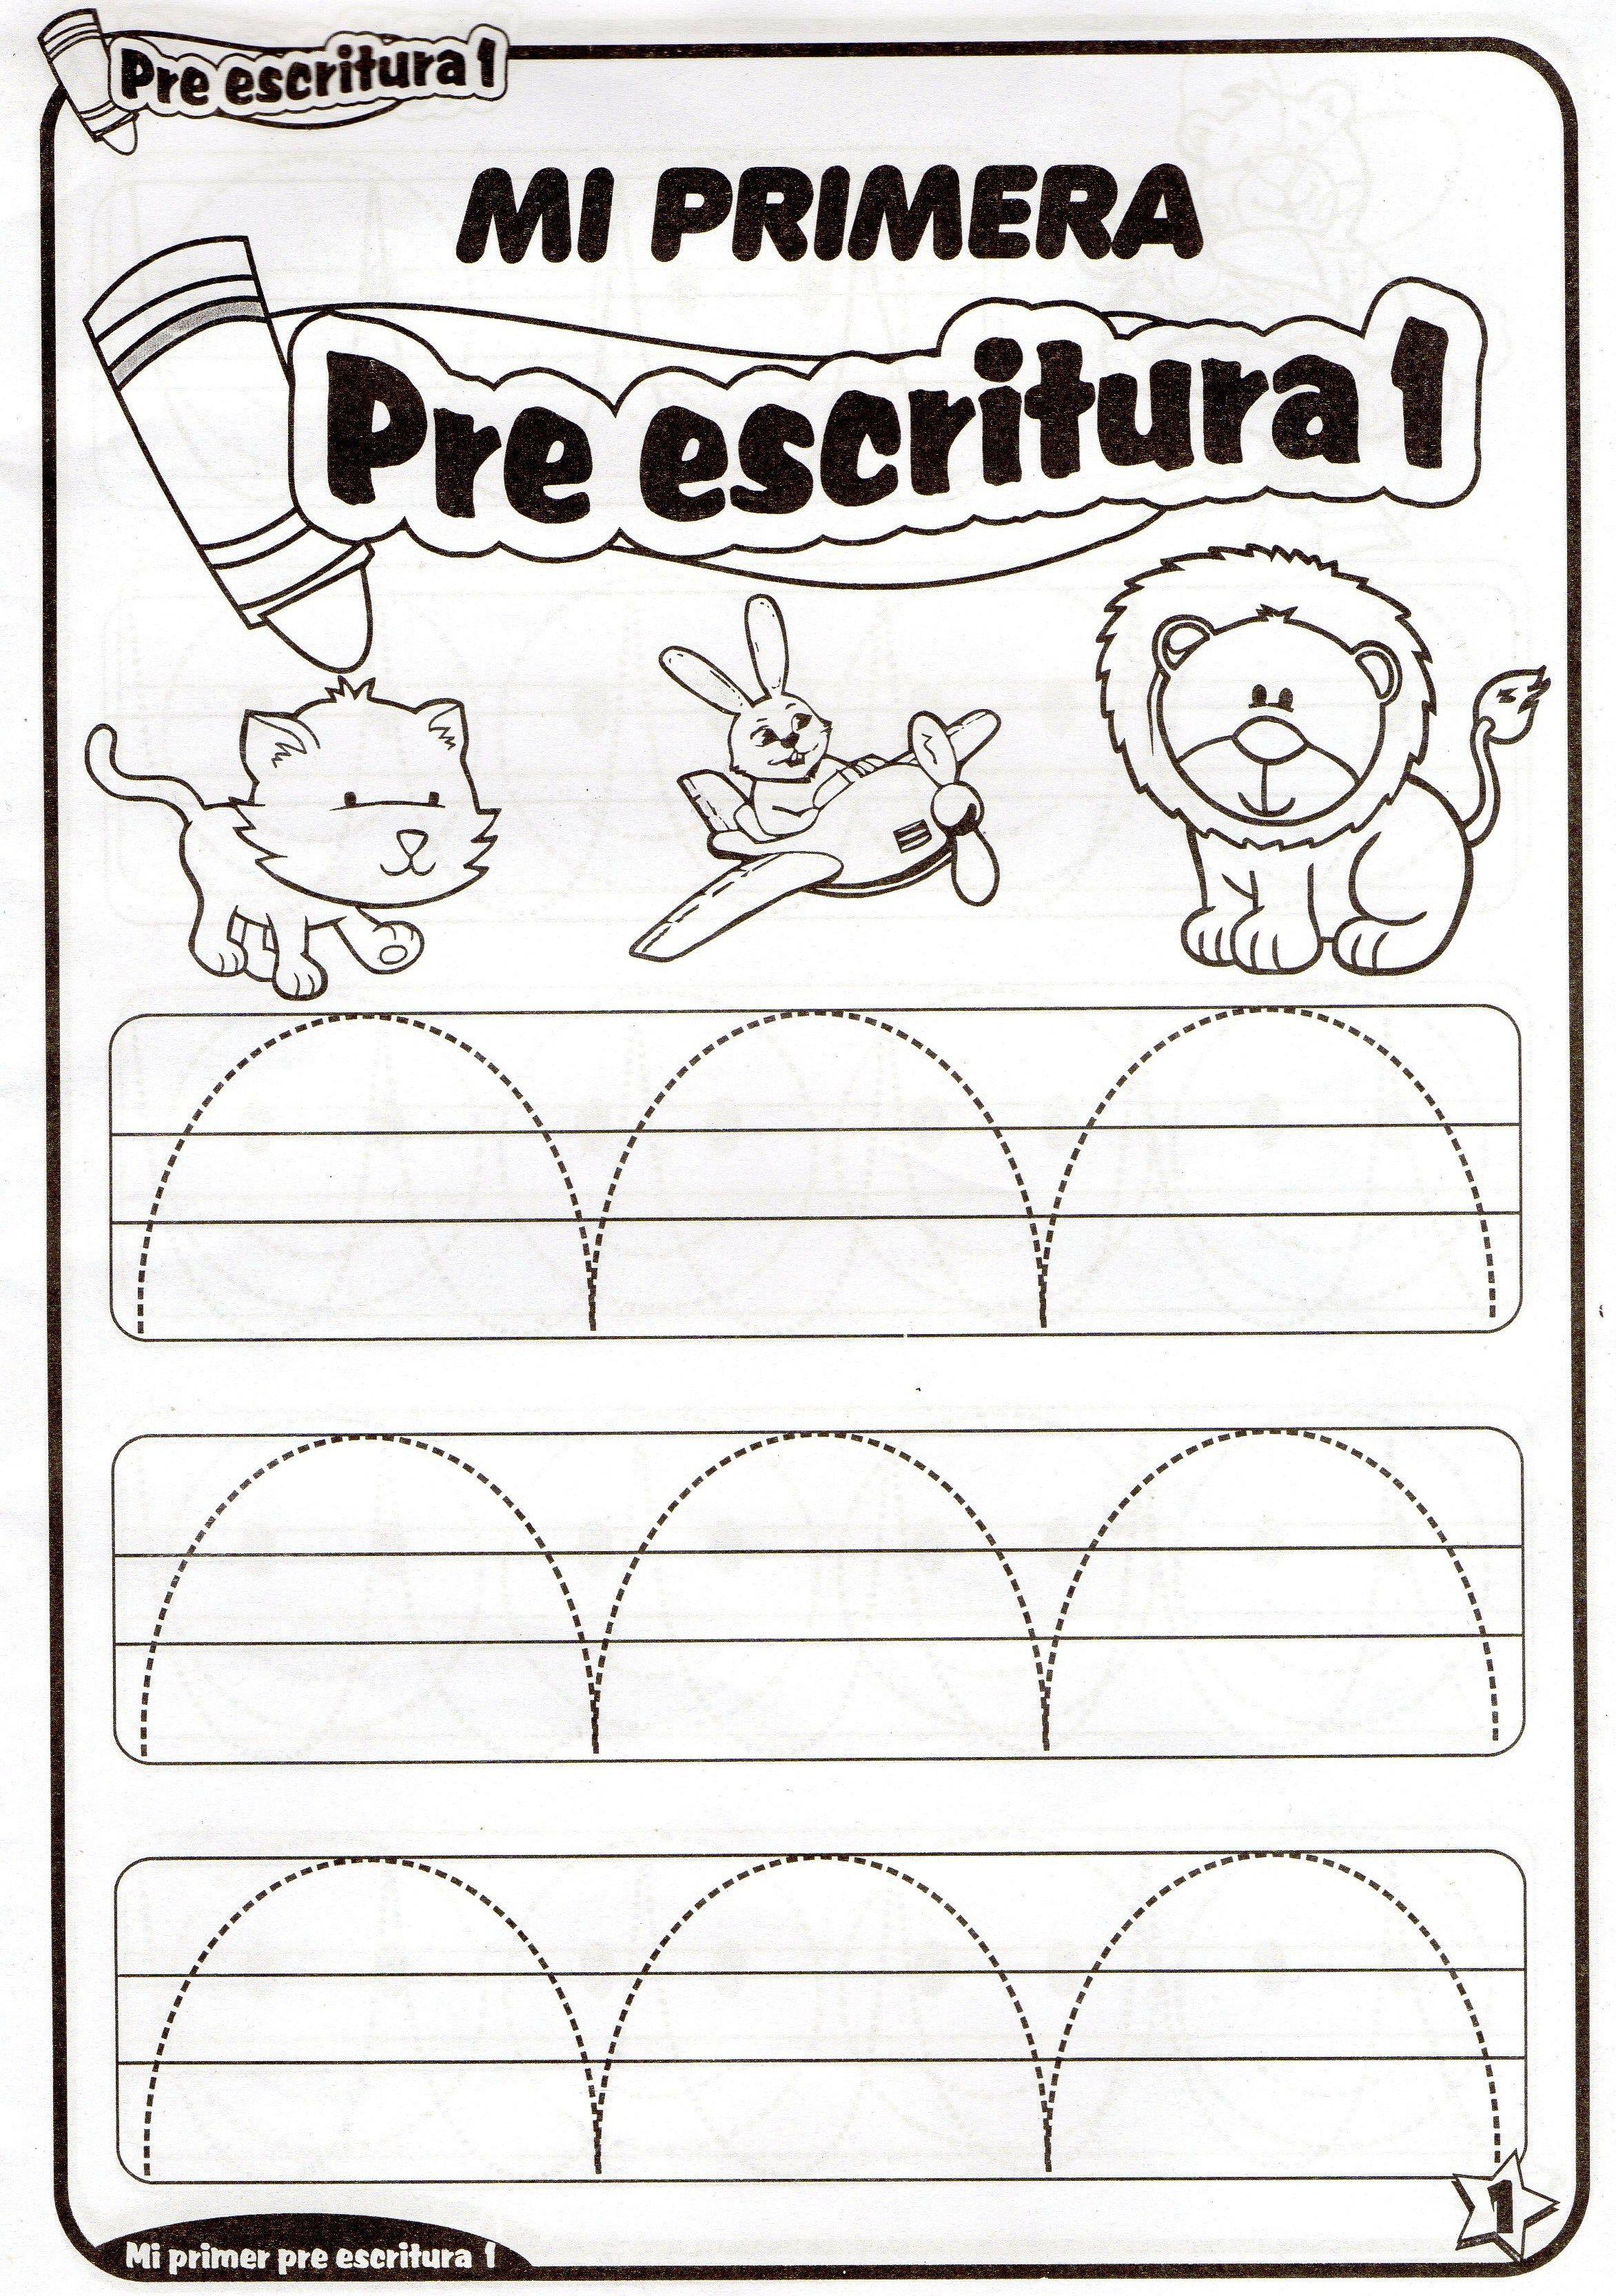 Fichas De Preescritura Imprimibles Para Niños De 4 Años Ejercicios De Prescritura Para Niños Y Niñas D Niños De Preescolar Imprimibles Niños Tareas Para Niños